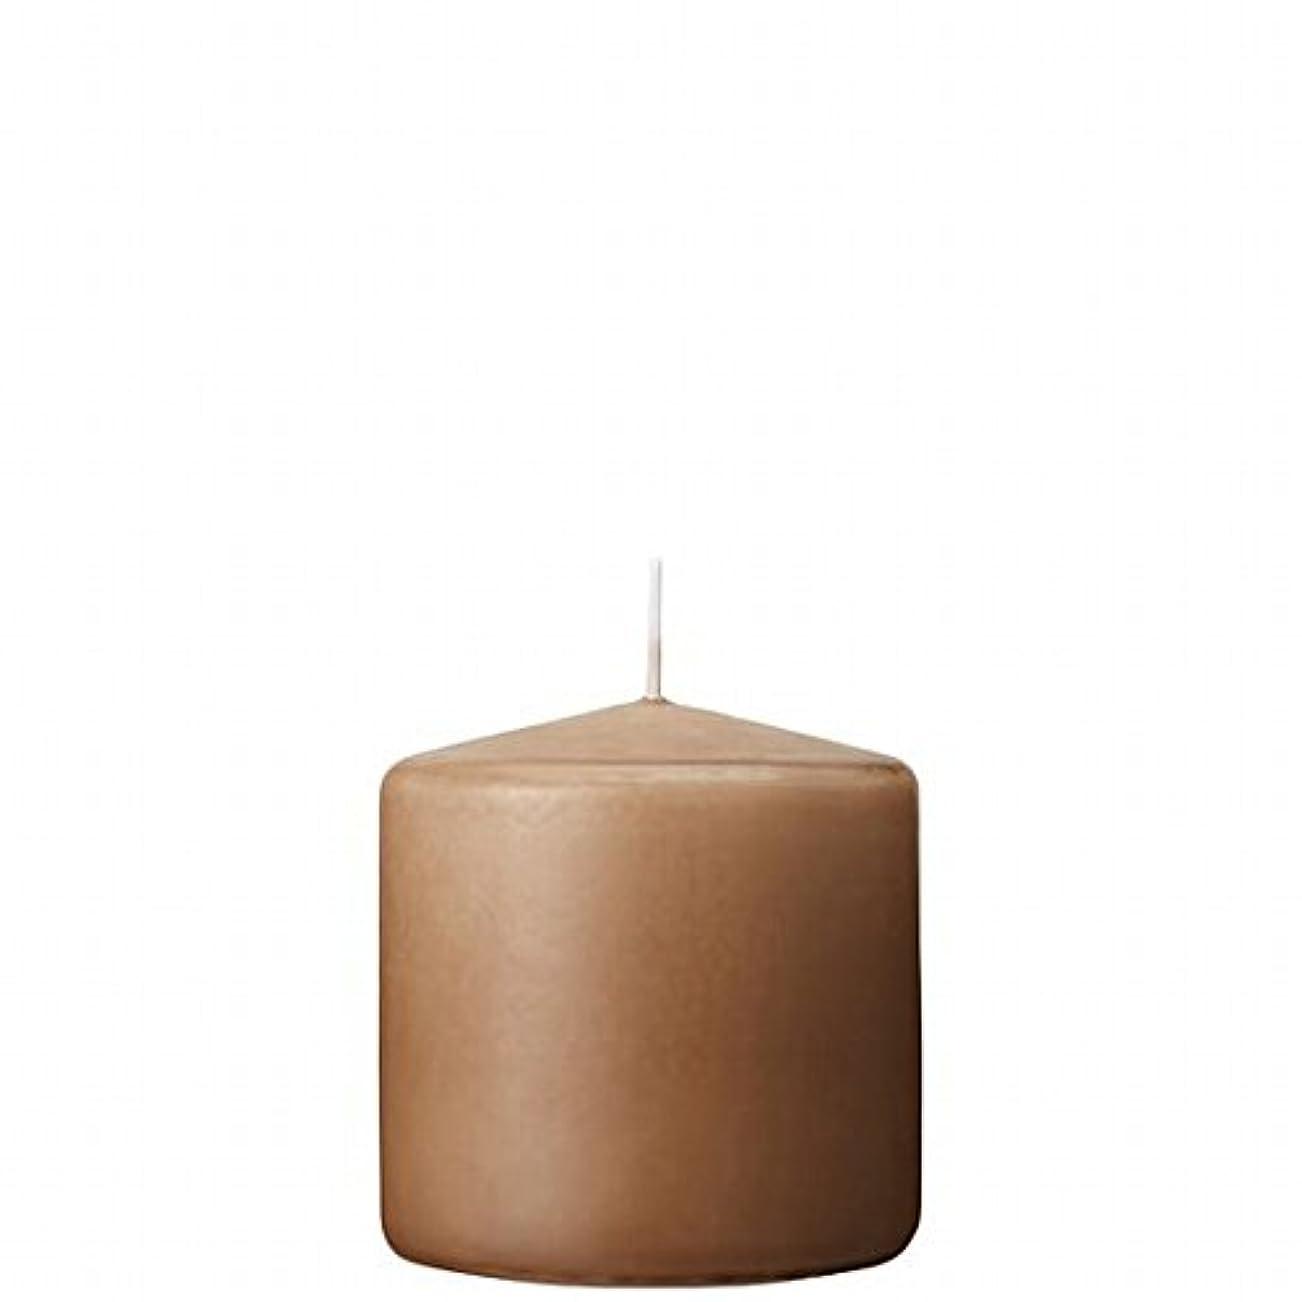 寄り添う苦しみ短くするカメヤマキャンドル( kameyama candle ) 3×3ベルトップピラーキャンドル 「 モカ 」